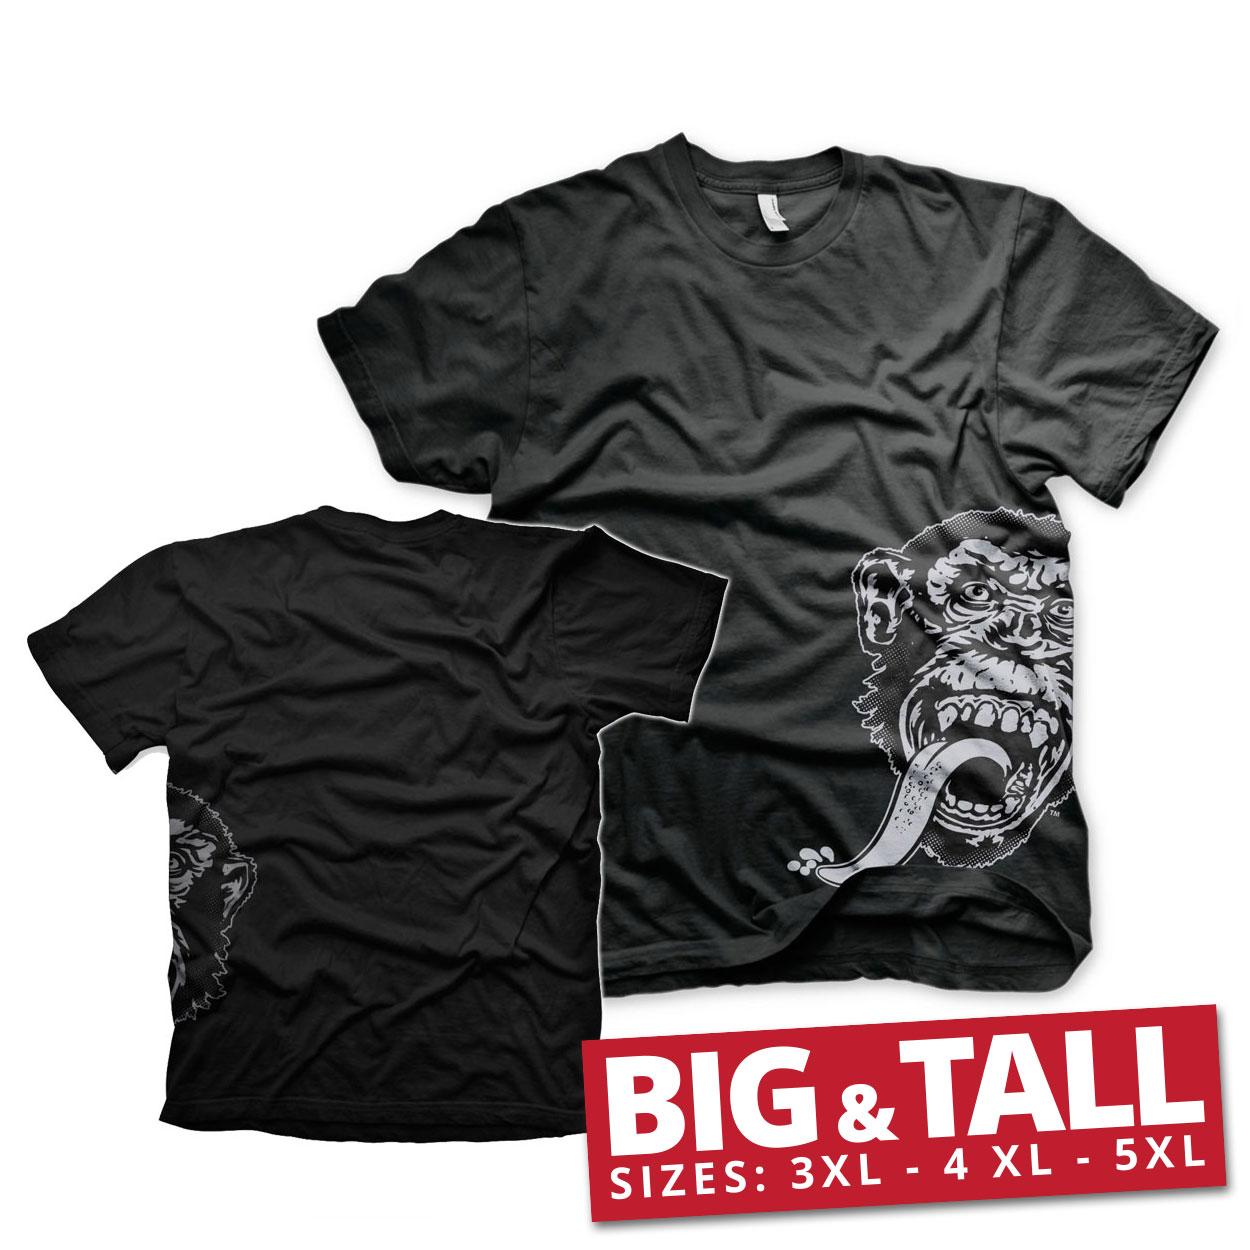 Gas Monkey Sidekick Big & Tall T-Shirt